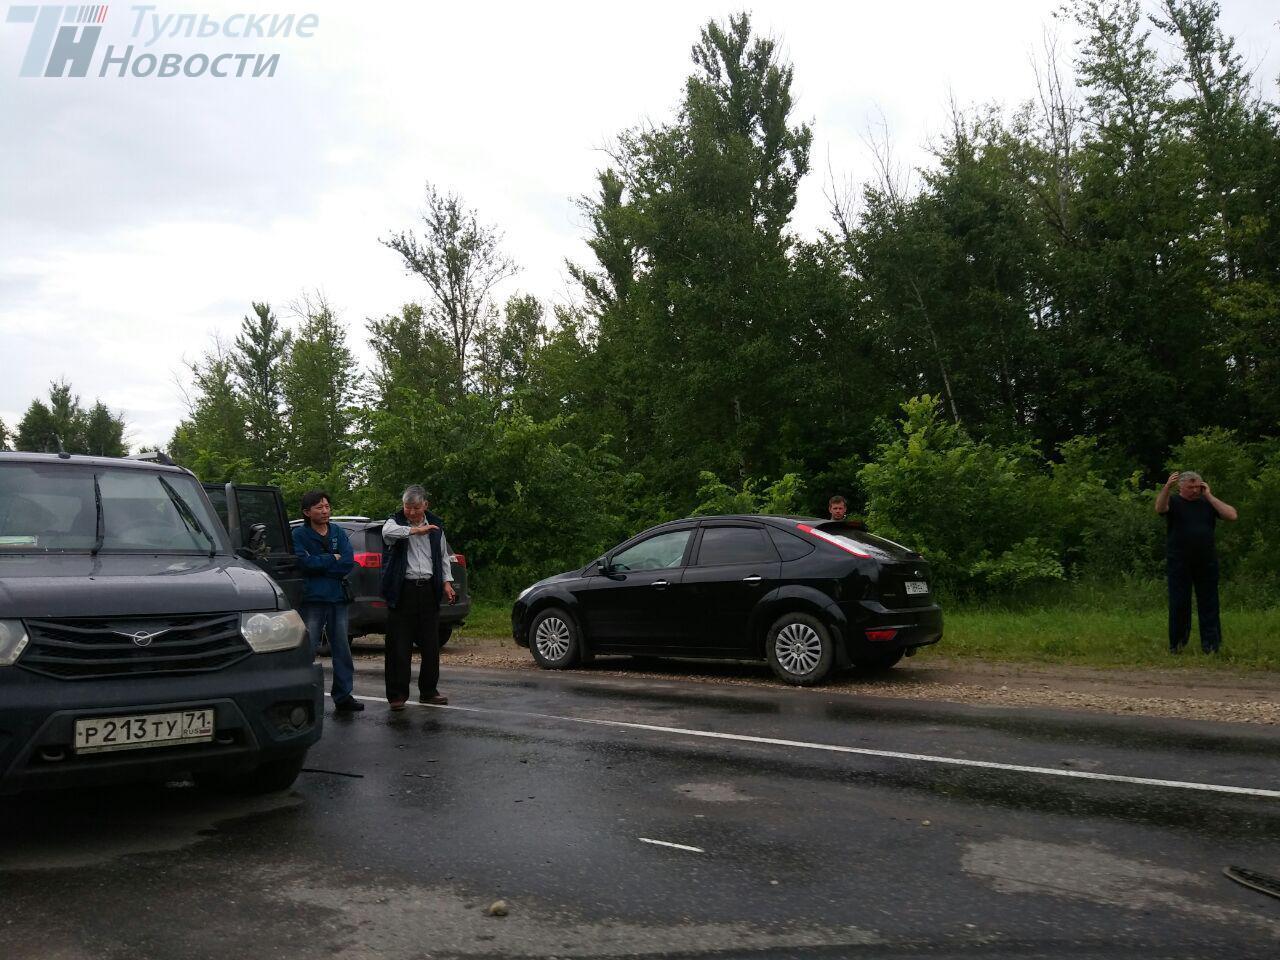 ДТП с участием  нескольких автомобилей